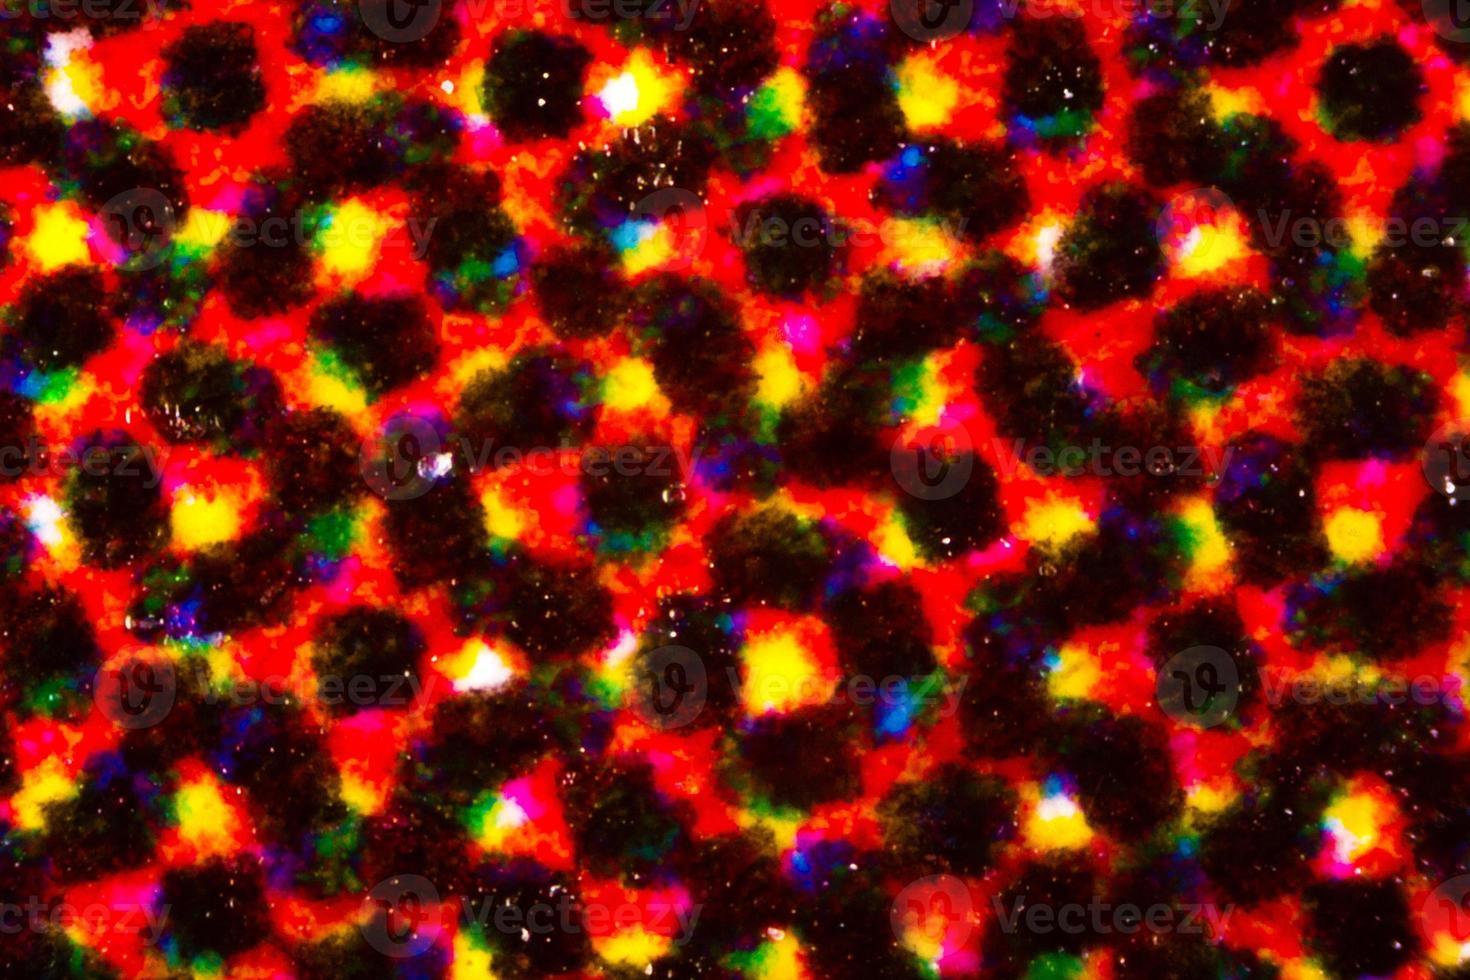 abstracte inktvlek in veelkleurendruk op flyerpapier onder de microscoop foto